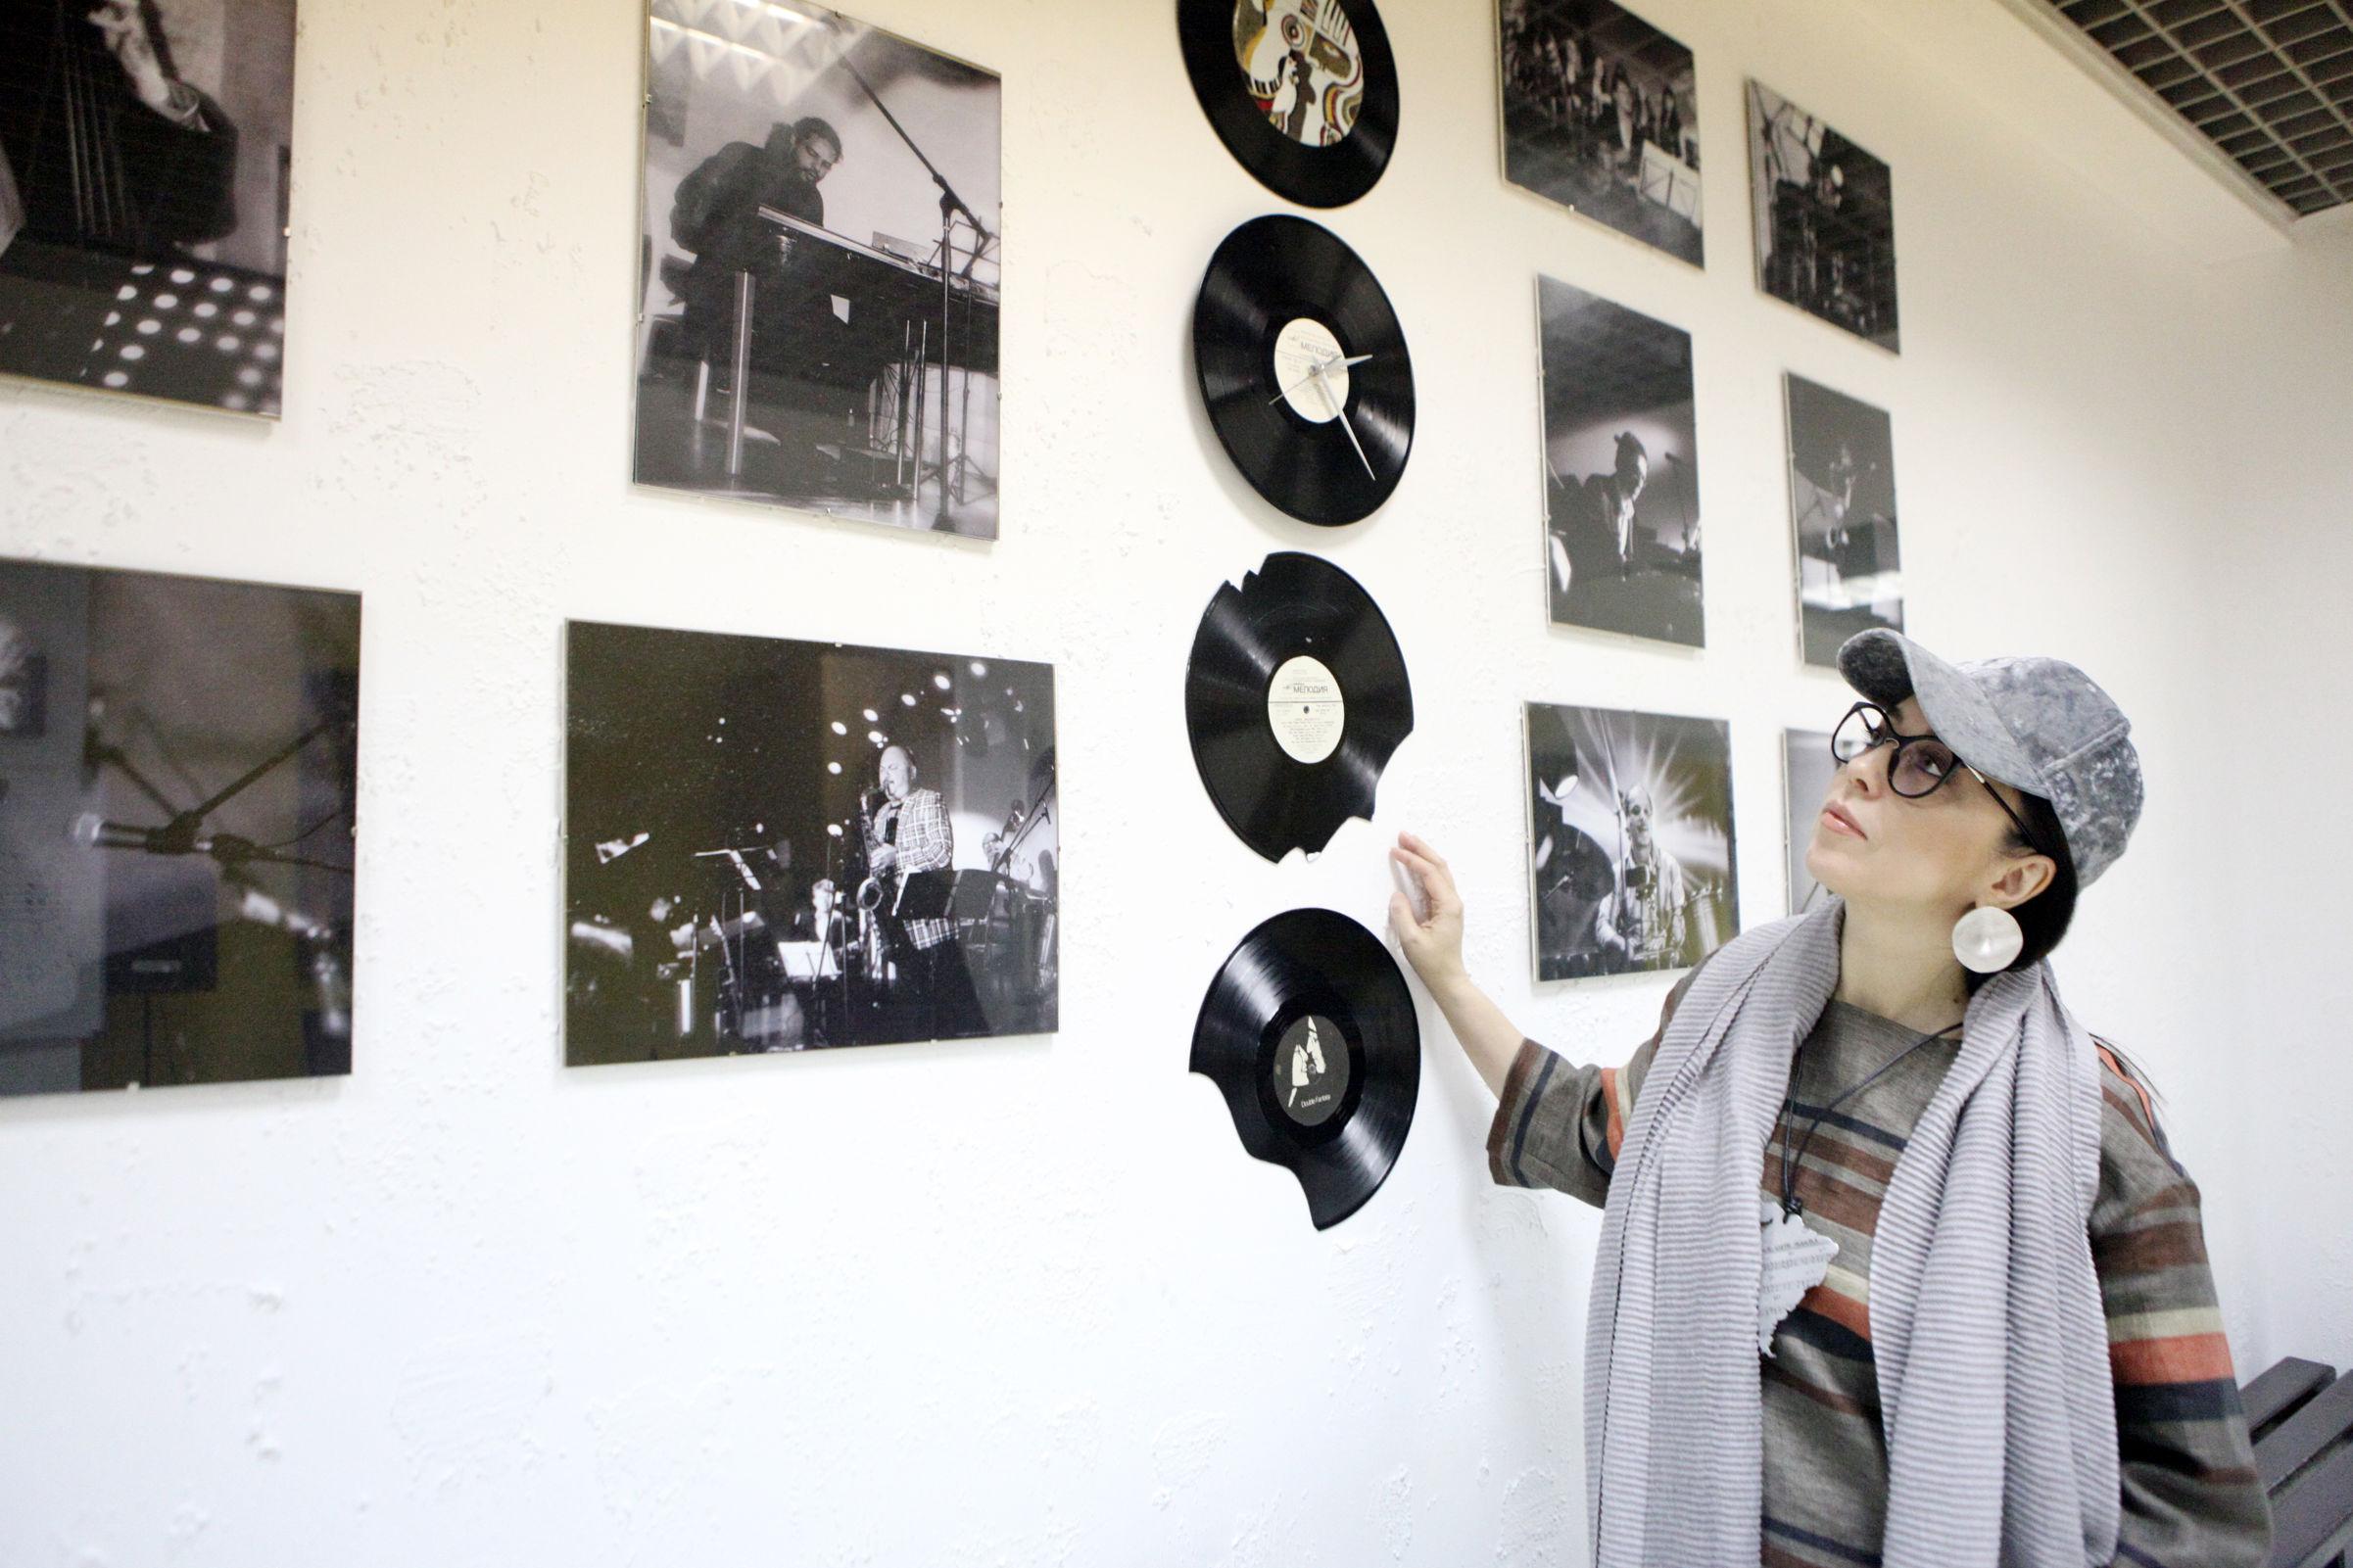 Ярославская джаз-дива расскажет о музыке через еду